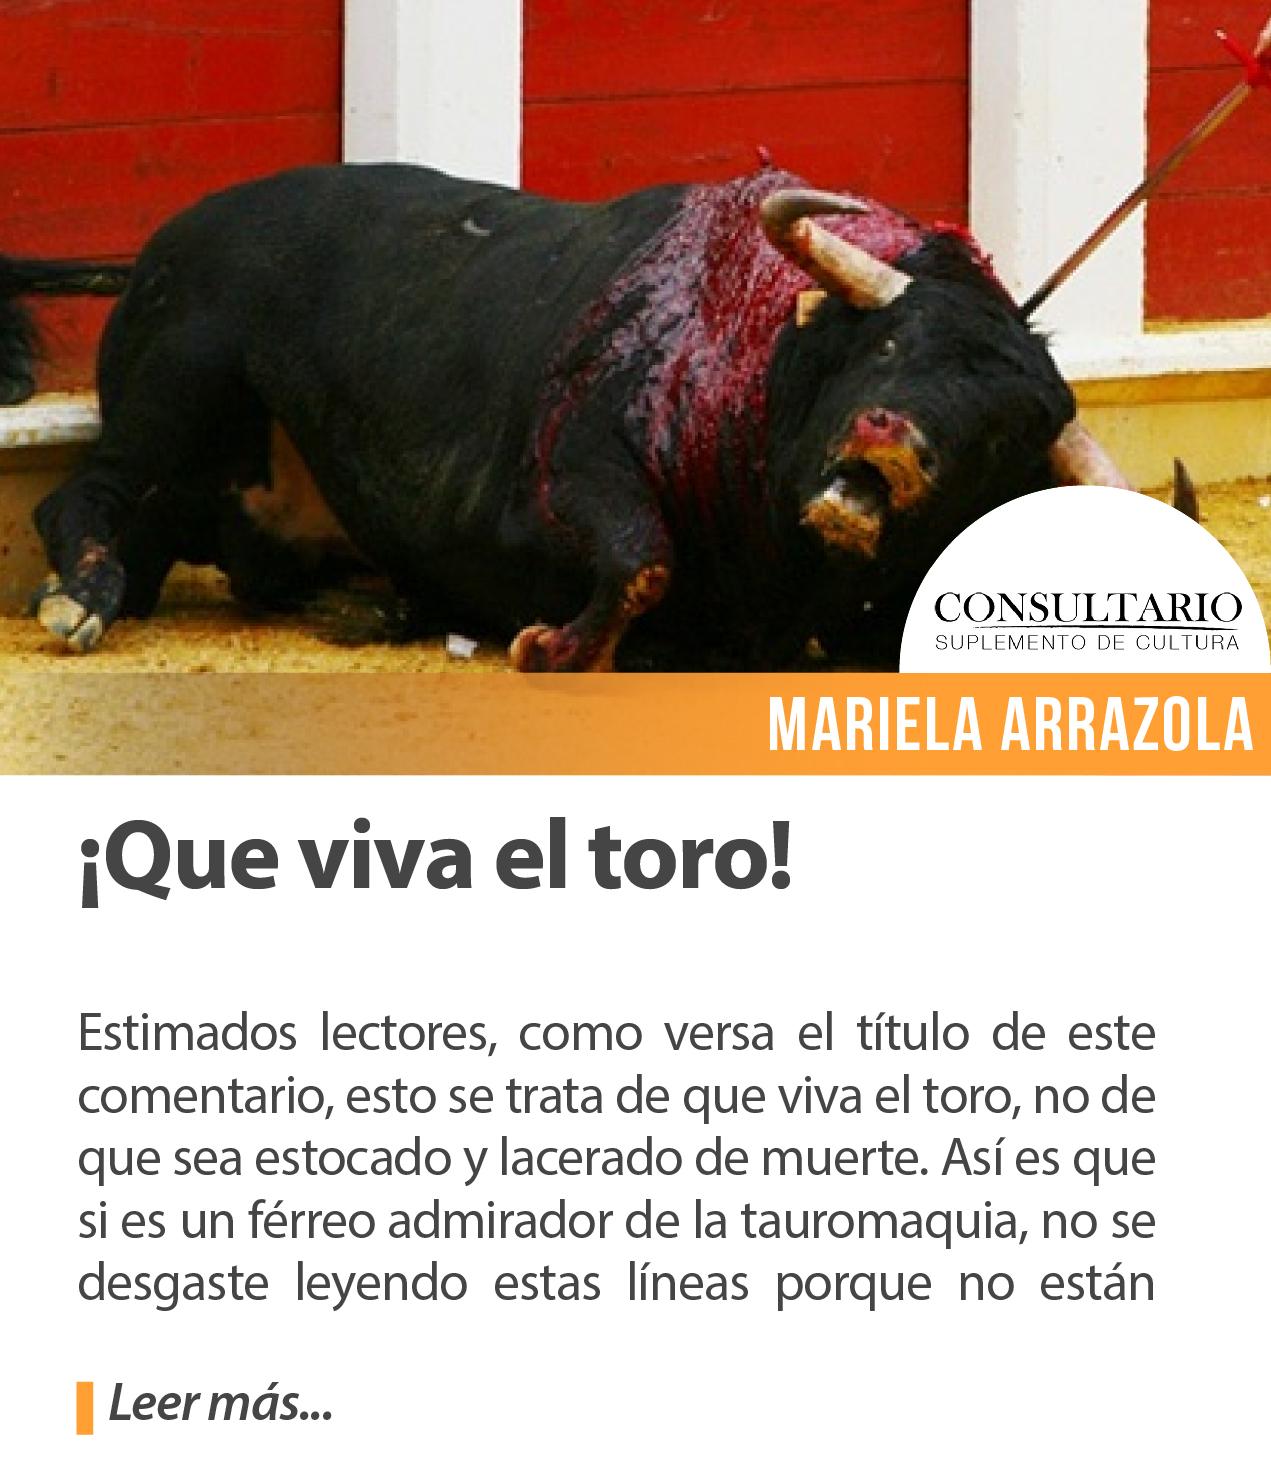 ¡Qué viva el toro!